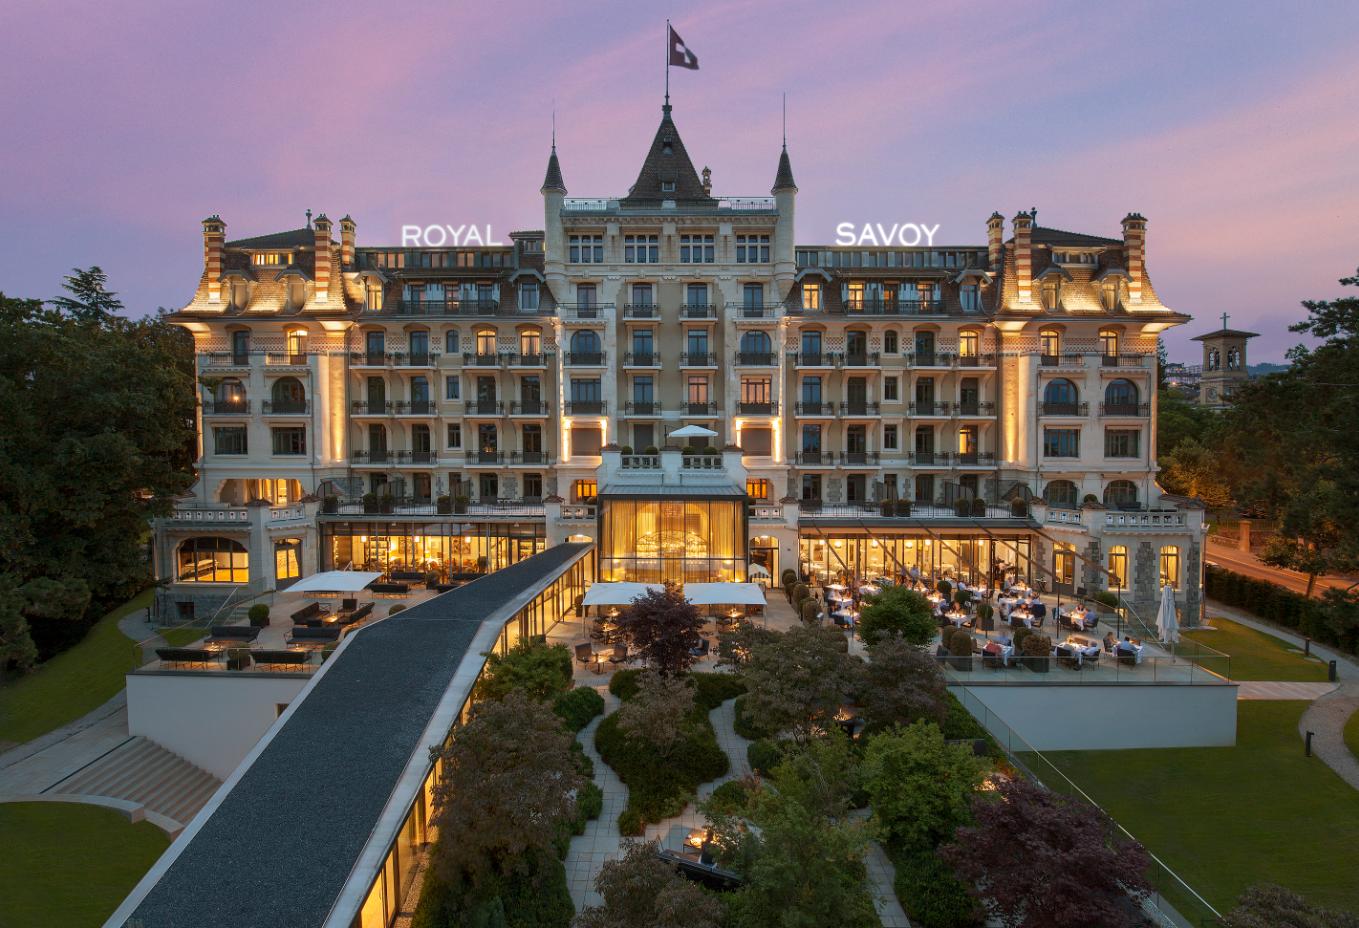 洛桑萨沃耶皇家酒店精心打造瑞士葡萄酒品鉴之旅